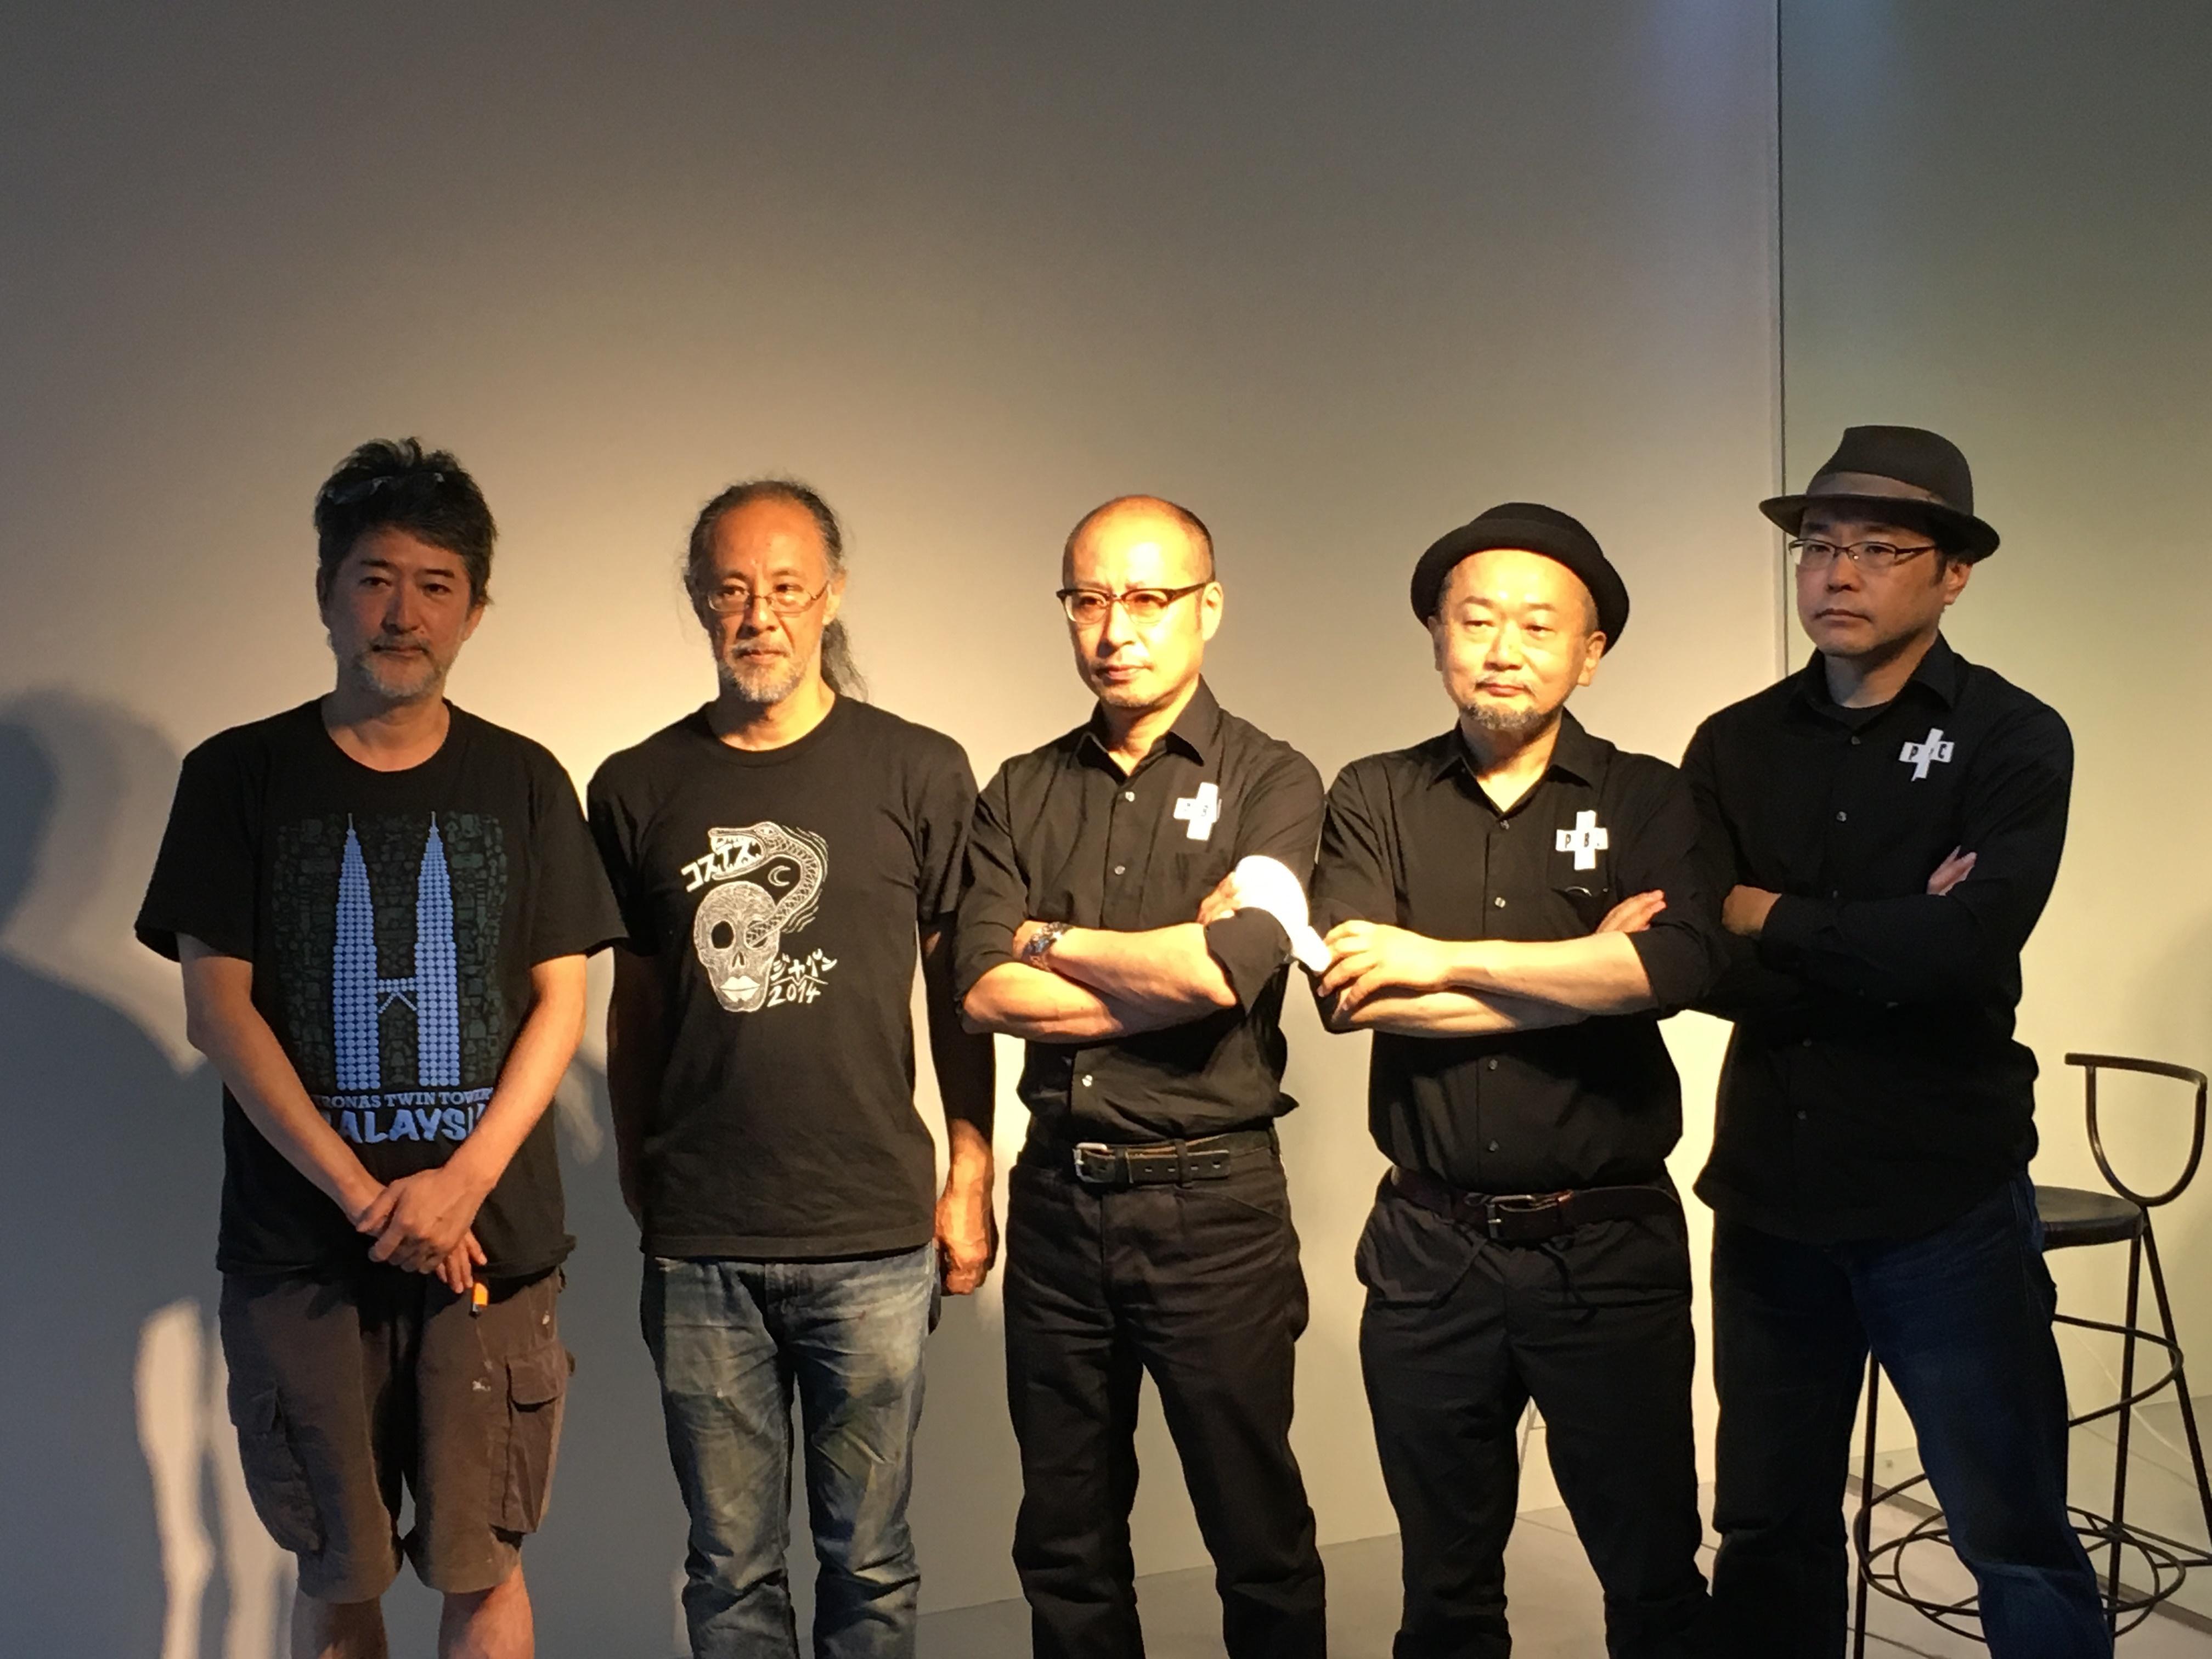 左から、会田誠、根本敬、松蔭浩之、谷崎テトラ、市川平